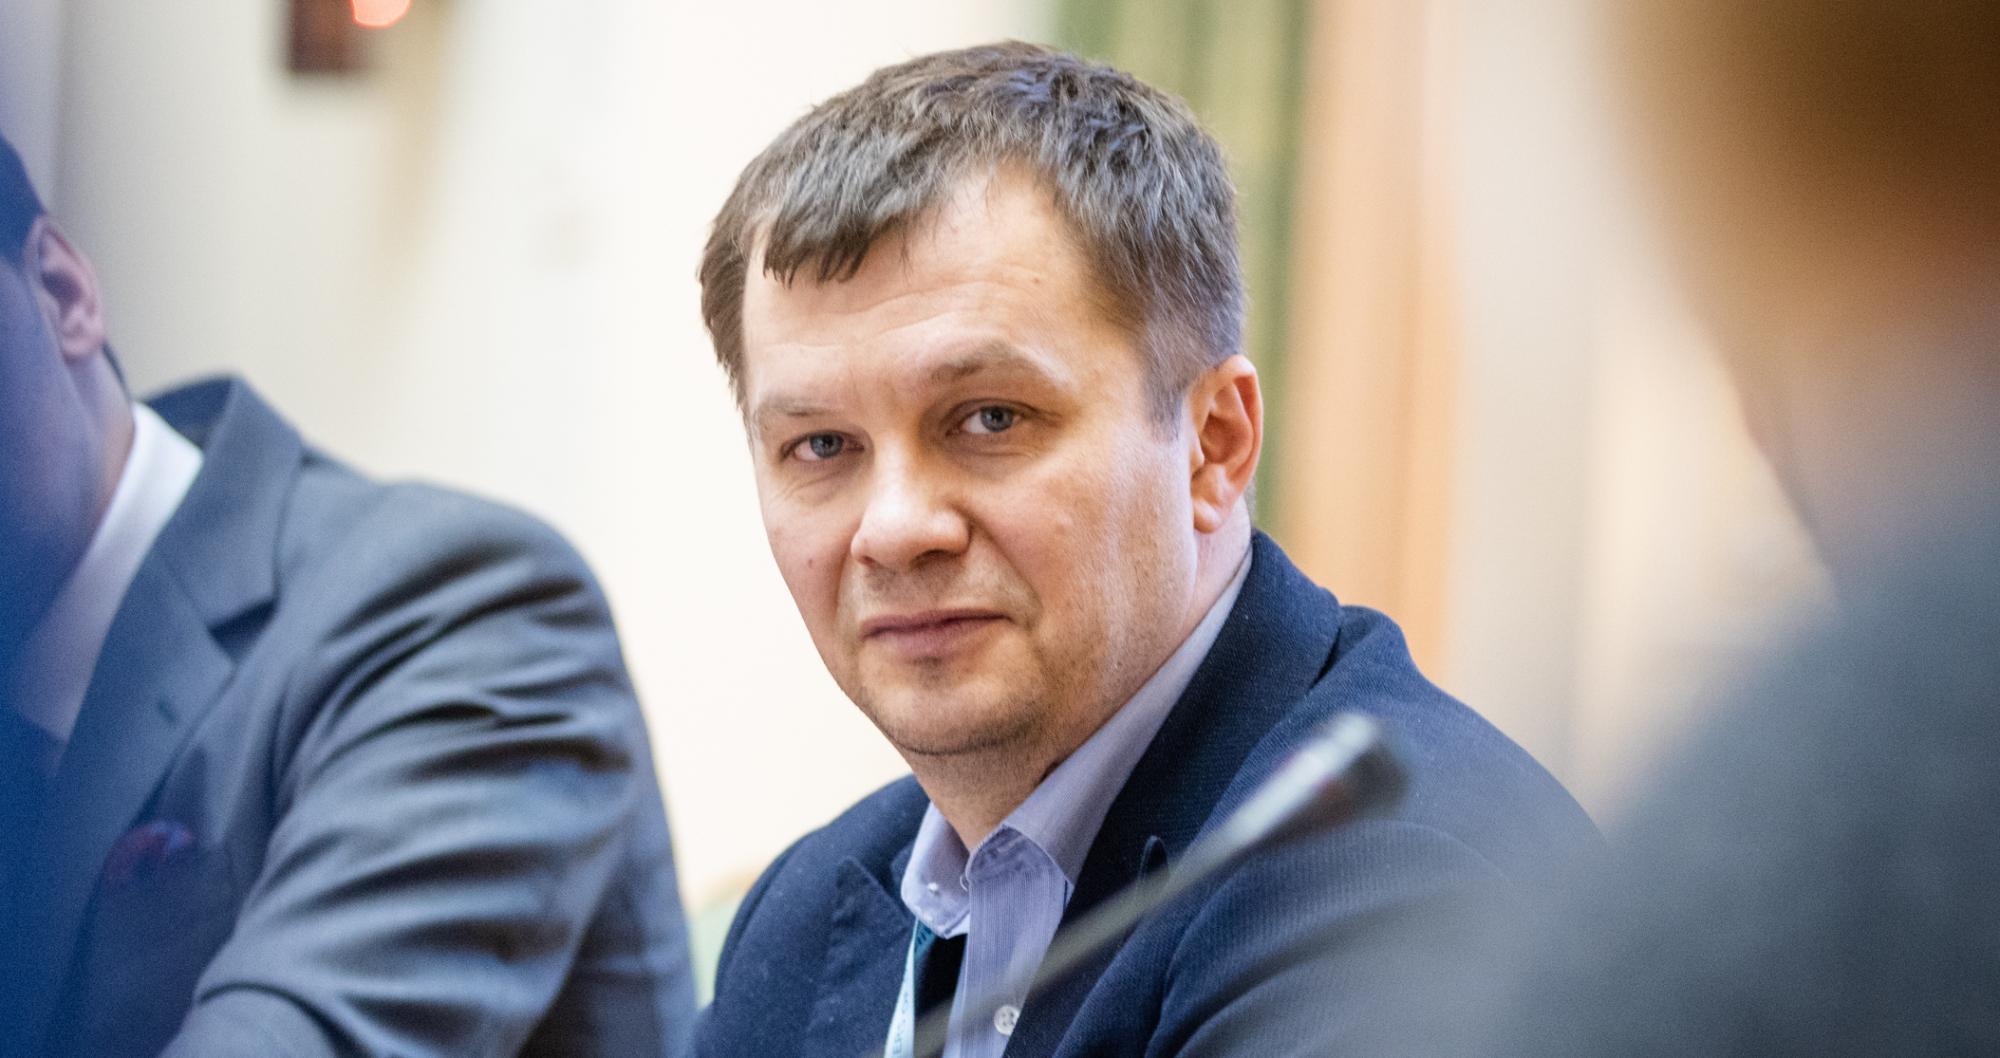 """Милованов: """"Я радник Офісу і обіймаю кілька посад в Україні, але все це другорядне порівняно з викладанням у Піттсбурзі"""""""